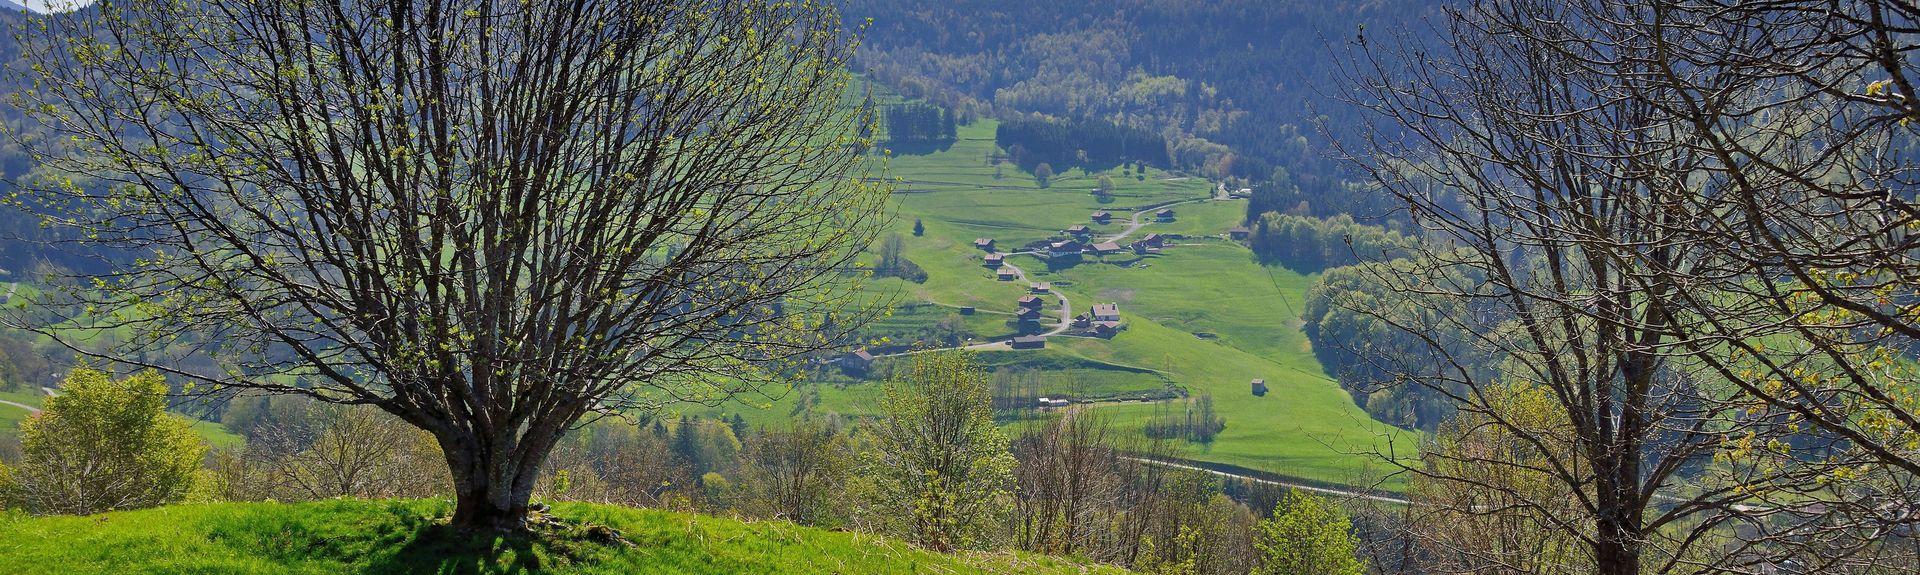 Auxelles-Haut, France